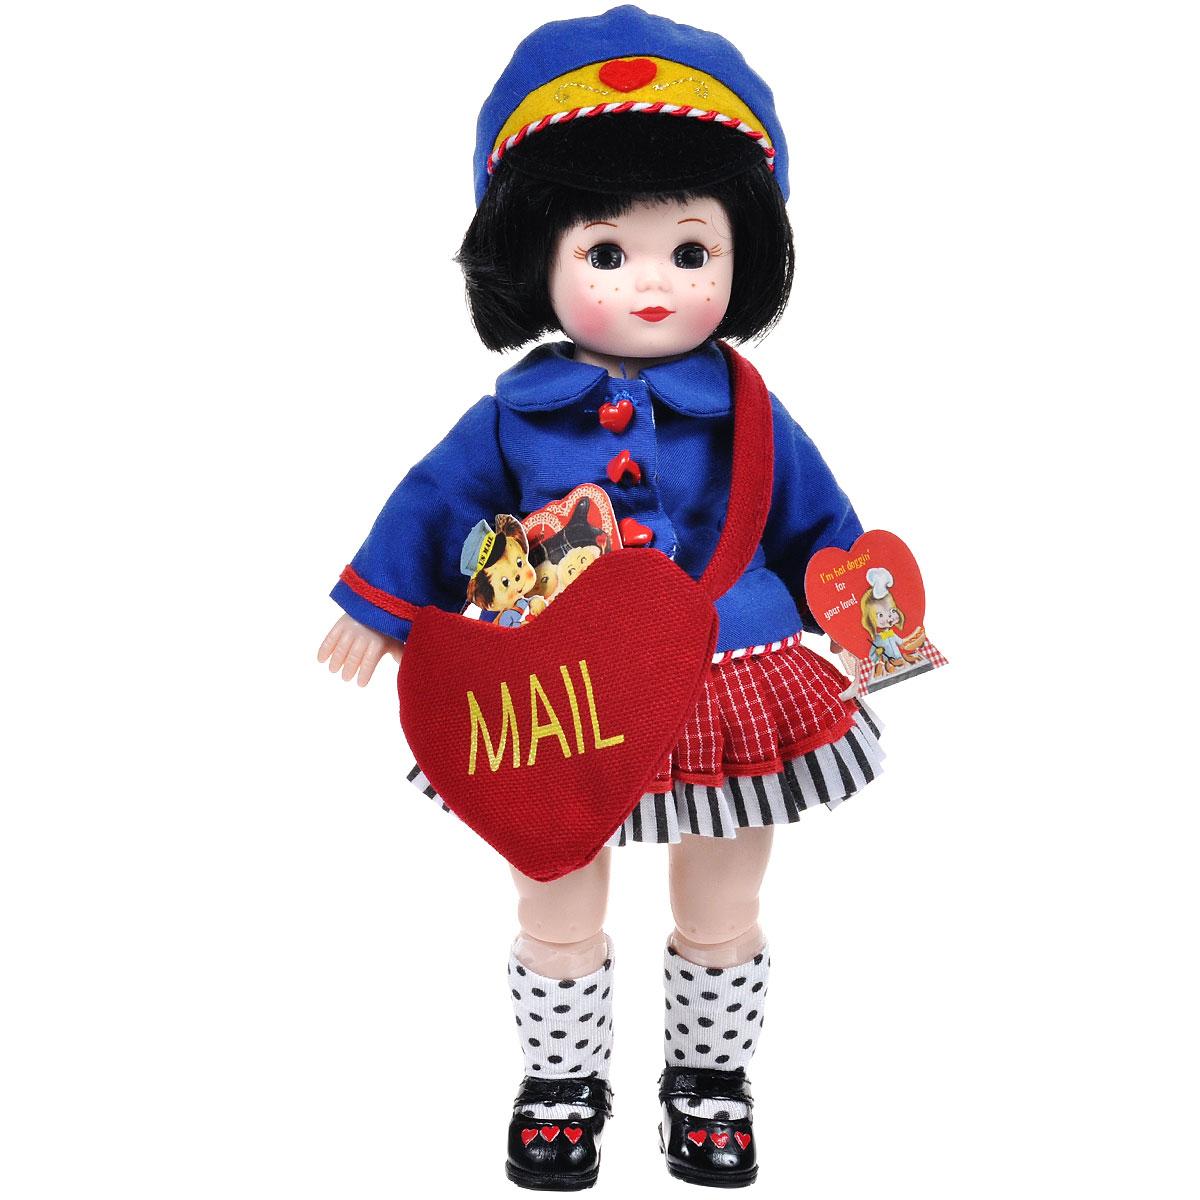 Madame Alexander Кукла Мэгги-почтальон66235Кукла Madame Alexander Мэгги-почтальон станет прекрасным украшением любой коллекции. Кукла с веснушками и короткими черными волосами одета в синий пиджак с красными пуговками в виде сердечек, красно-белую гофрированную юбку, с отделкой подола белой тканью в черную полоску. Рукава пиджака украшены красными полосками, низ пиджака декорирован переплетающимися красно-белыми полосками. На голове у Мэгги синяя фуражка почтальона, с желтой отделкой и кокардой в виде красного сердечка. На ее ножках - белые гольфы в черный горох и черные лакированные туфельки с красными сердечками. Красная сумка в виде сердца повешена через плечо и заполнена валентинками. В руках у Мэгги красная валентинка. Реалистичные глазки куклы закрываются, если положить ее на спину.